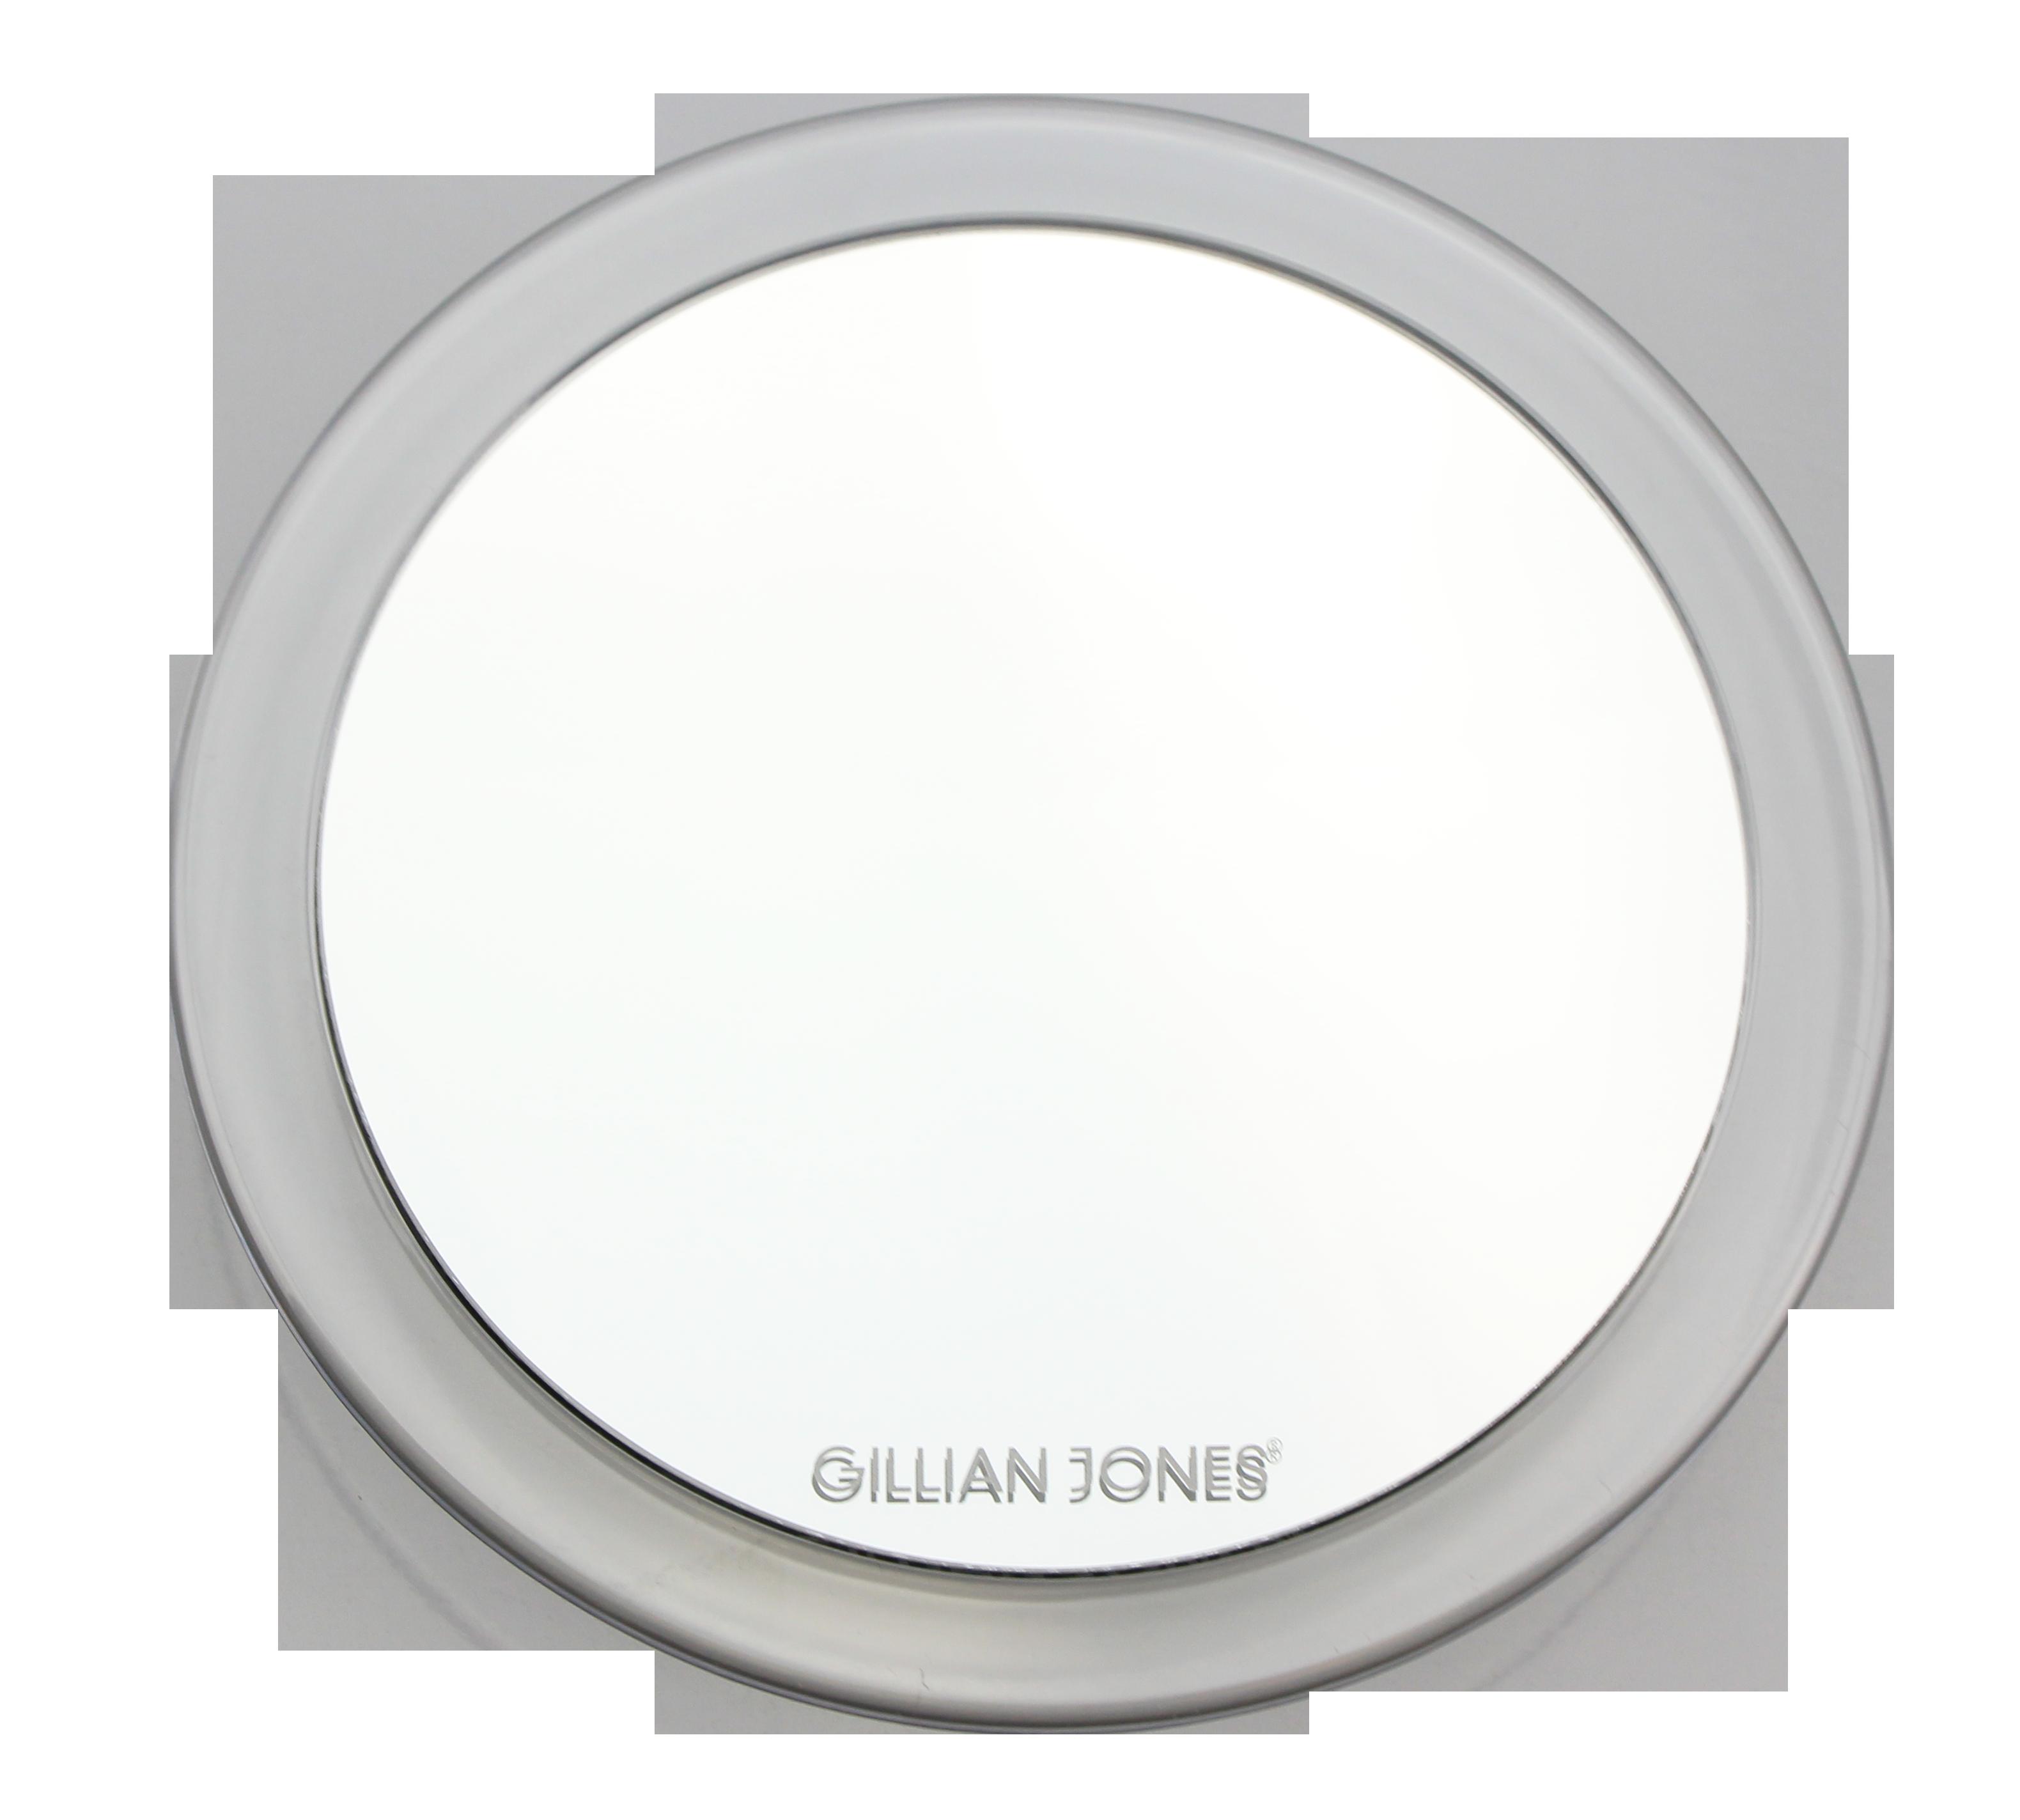 Gillian Jones - 3 Suctions Makeup Mirror x10